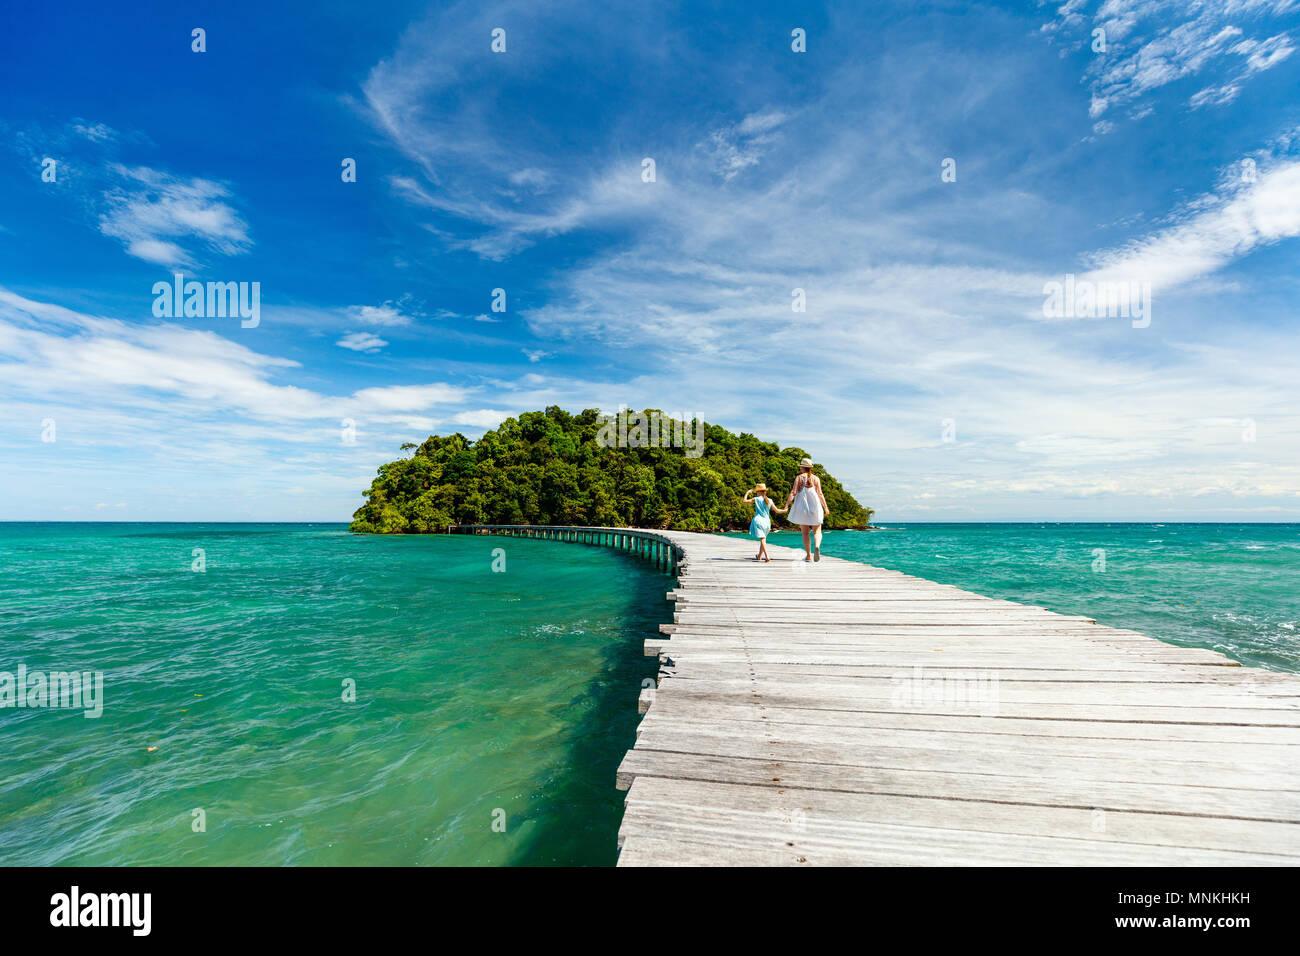 Camino que lleva a la madera hermosa isla tropical en Camboya Imagen De Stock